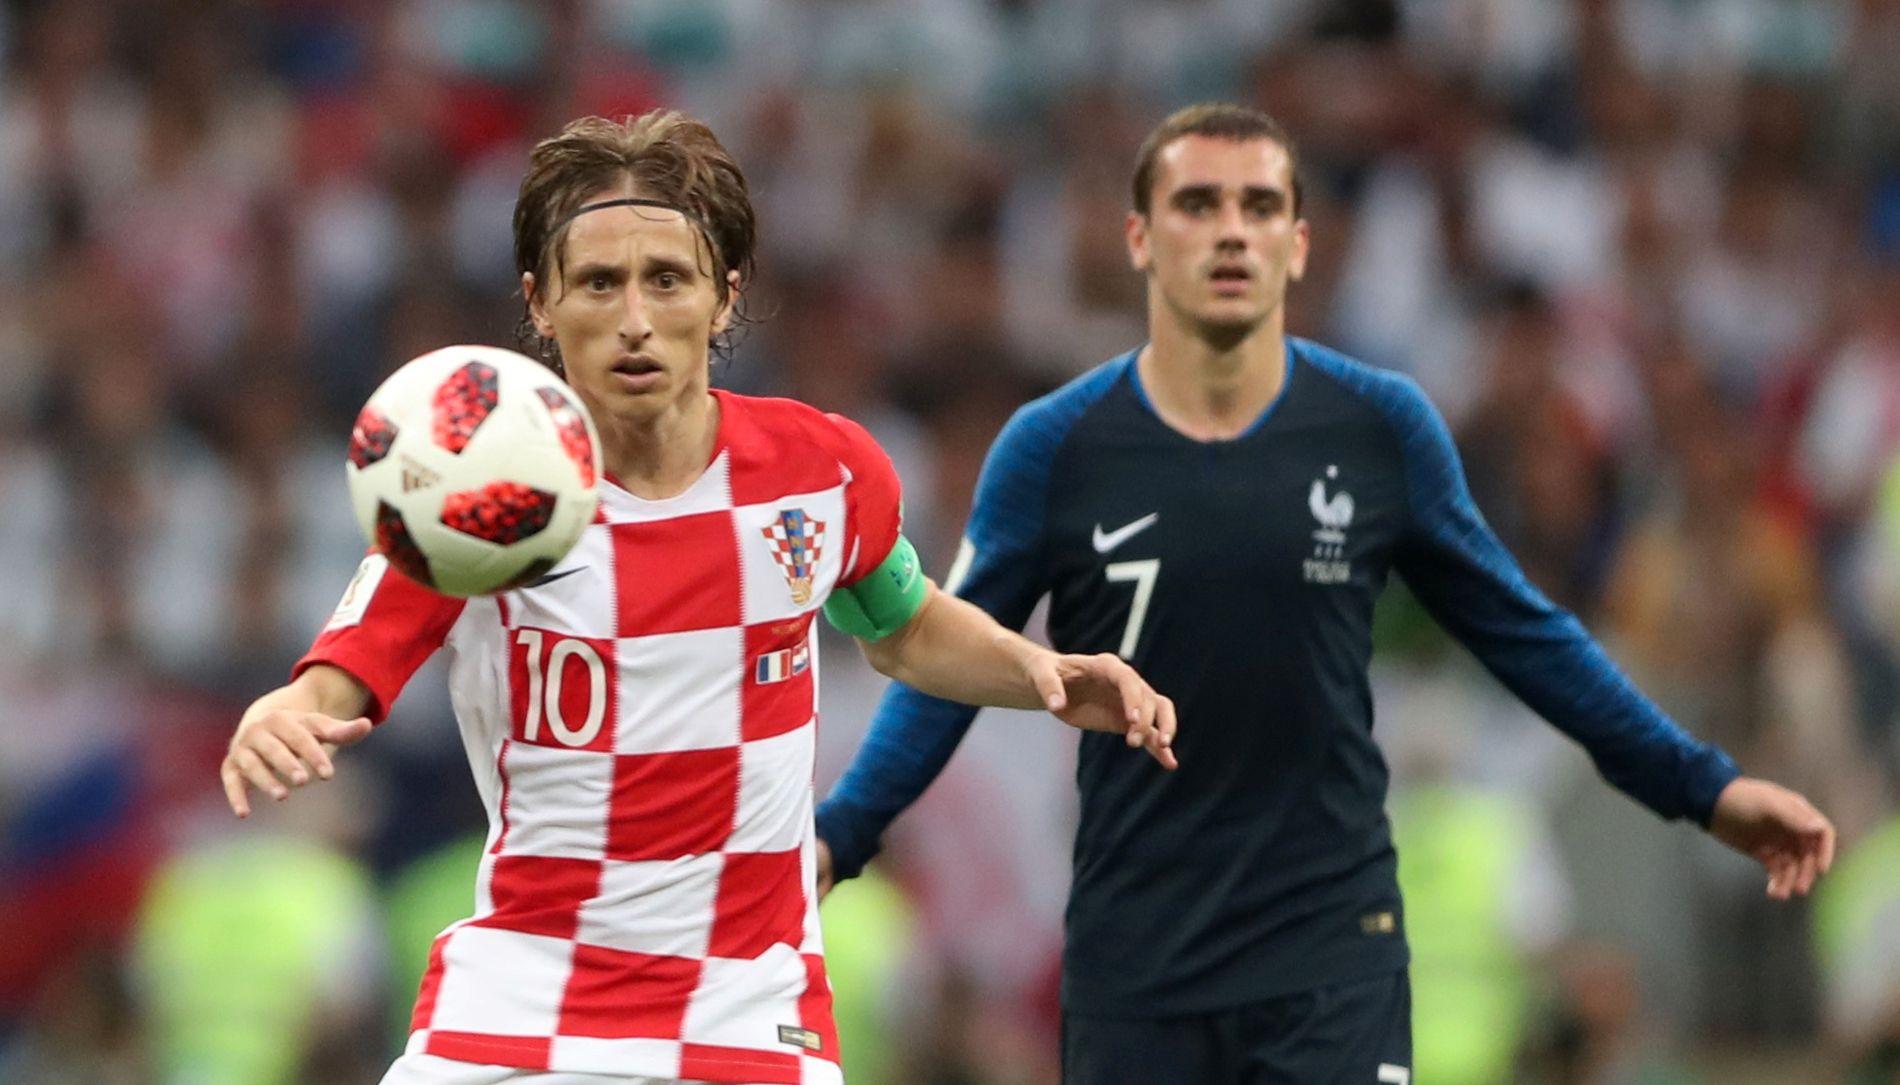 PÅ VGs VM-LAG: Luka Modric og Antoine Griezmann.